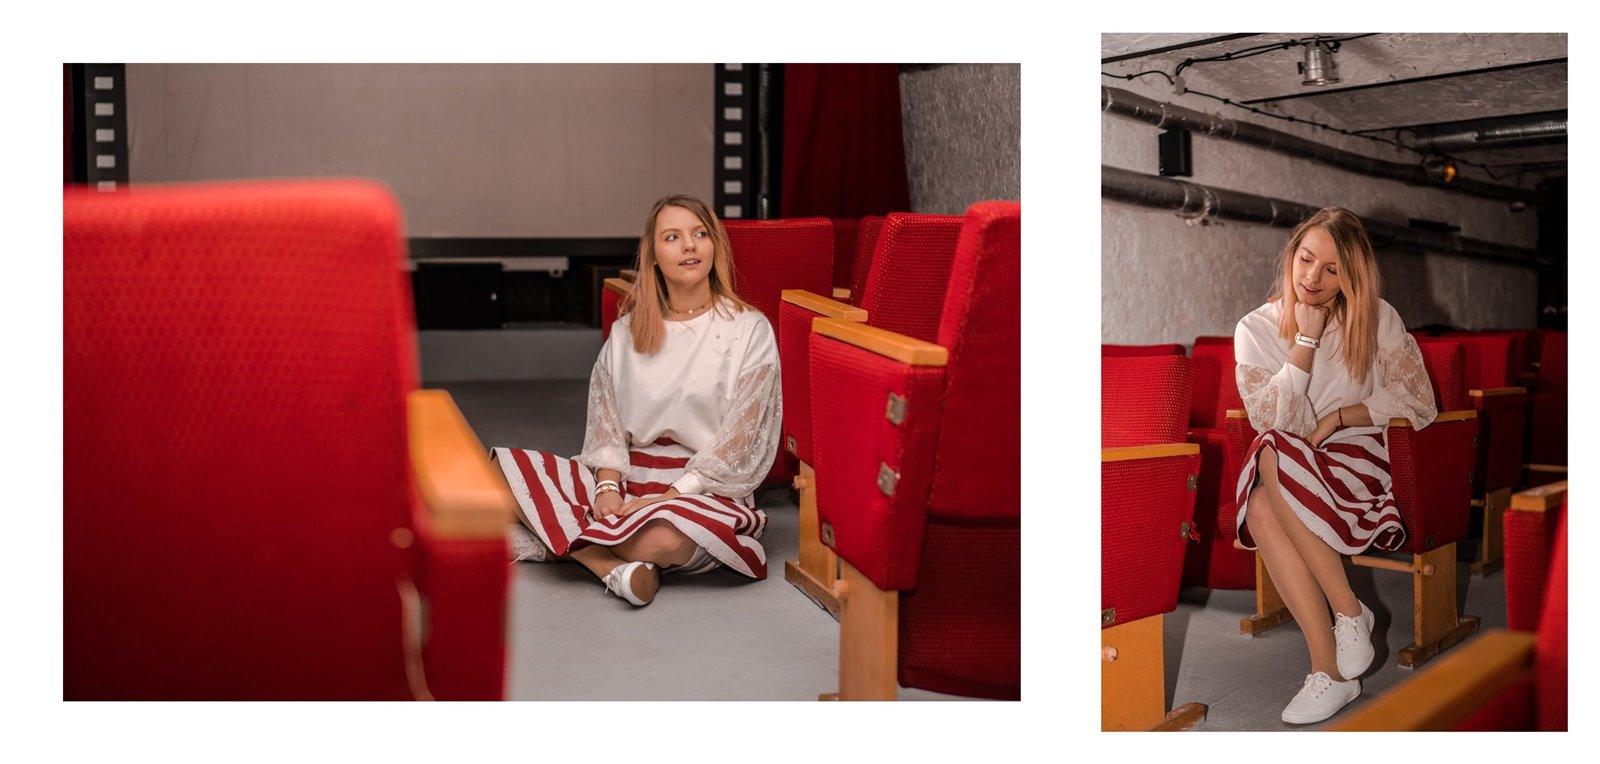 8a Skirt story spódnice szyte na miarę krawiectwo krawcowa online pomysł na prezent dla żony narzeczonej mamy szycie spódnic kraków łódź stylowe hotele stare kino w łodzi opinie recenzje pokoje gdzie się zatrzymać